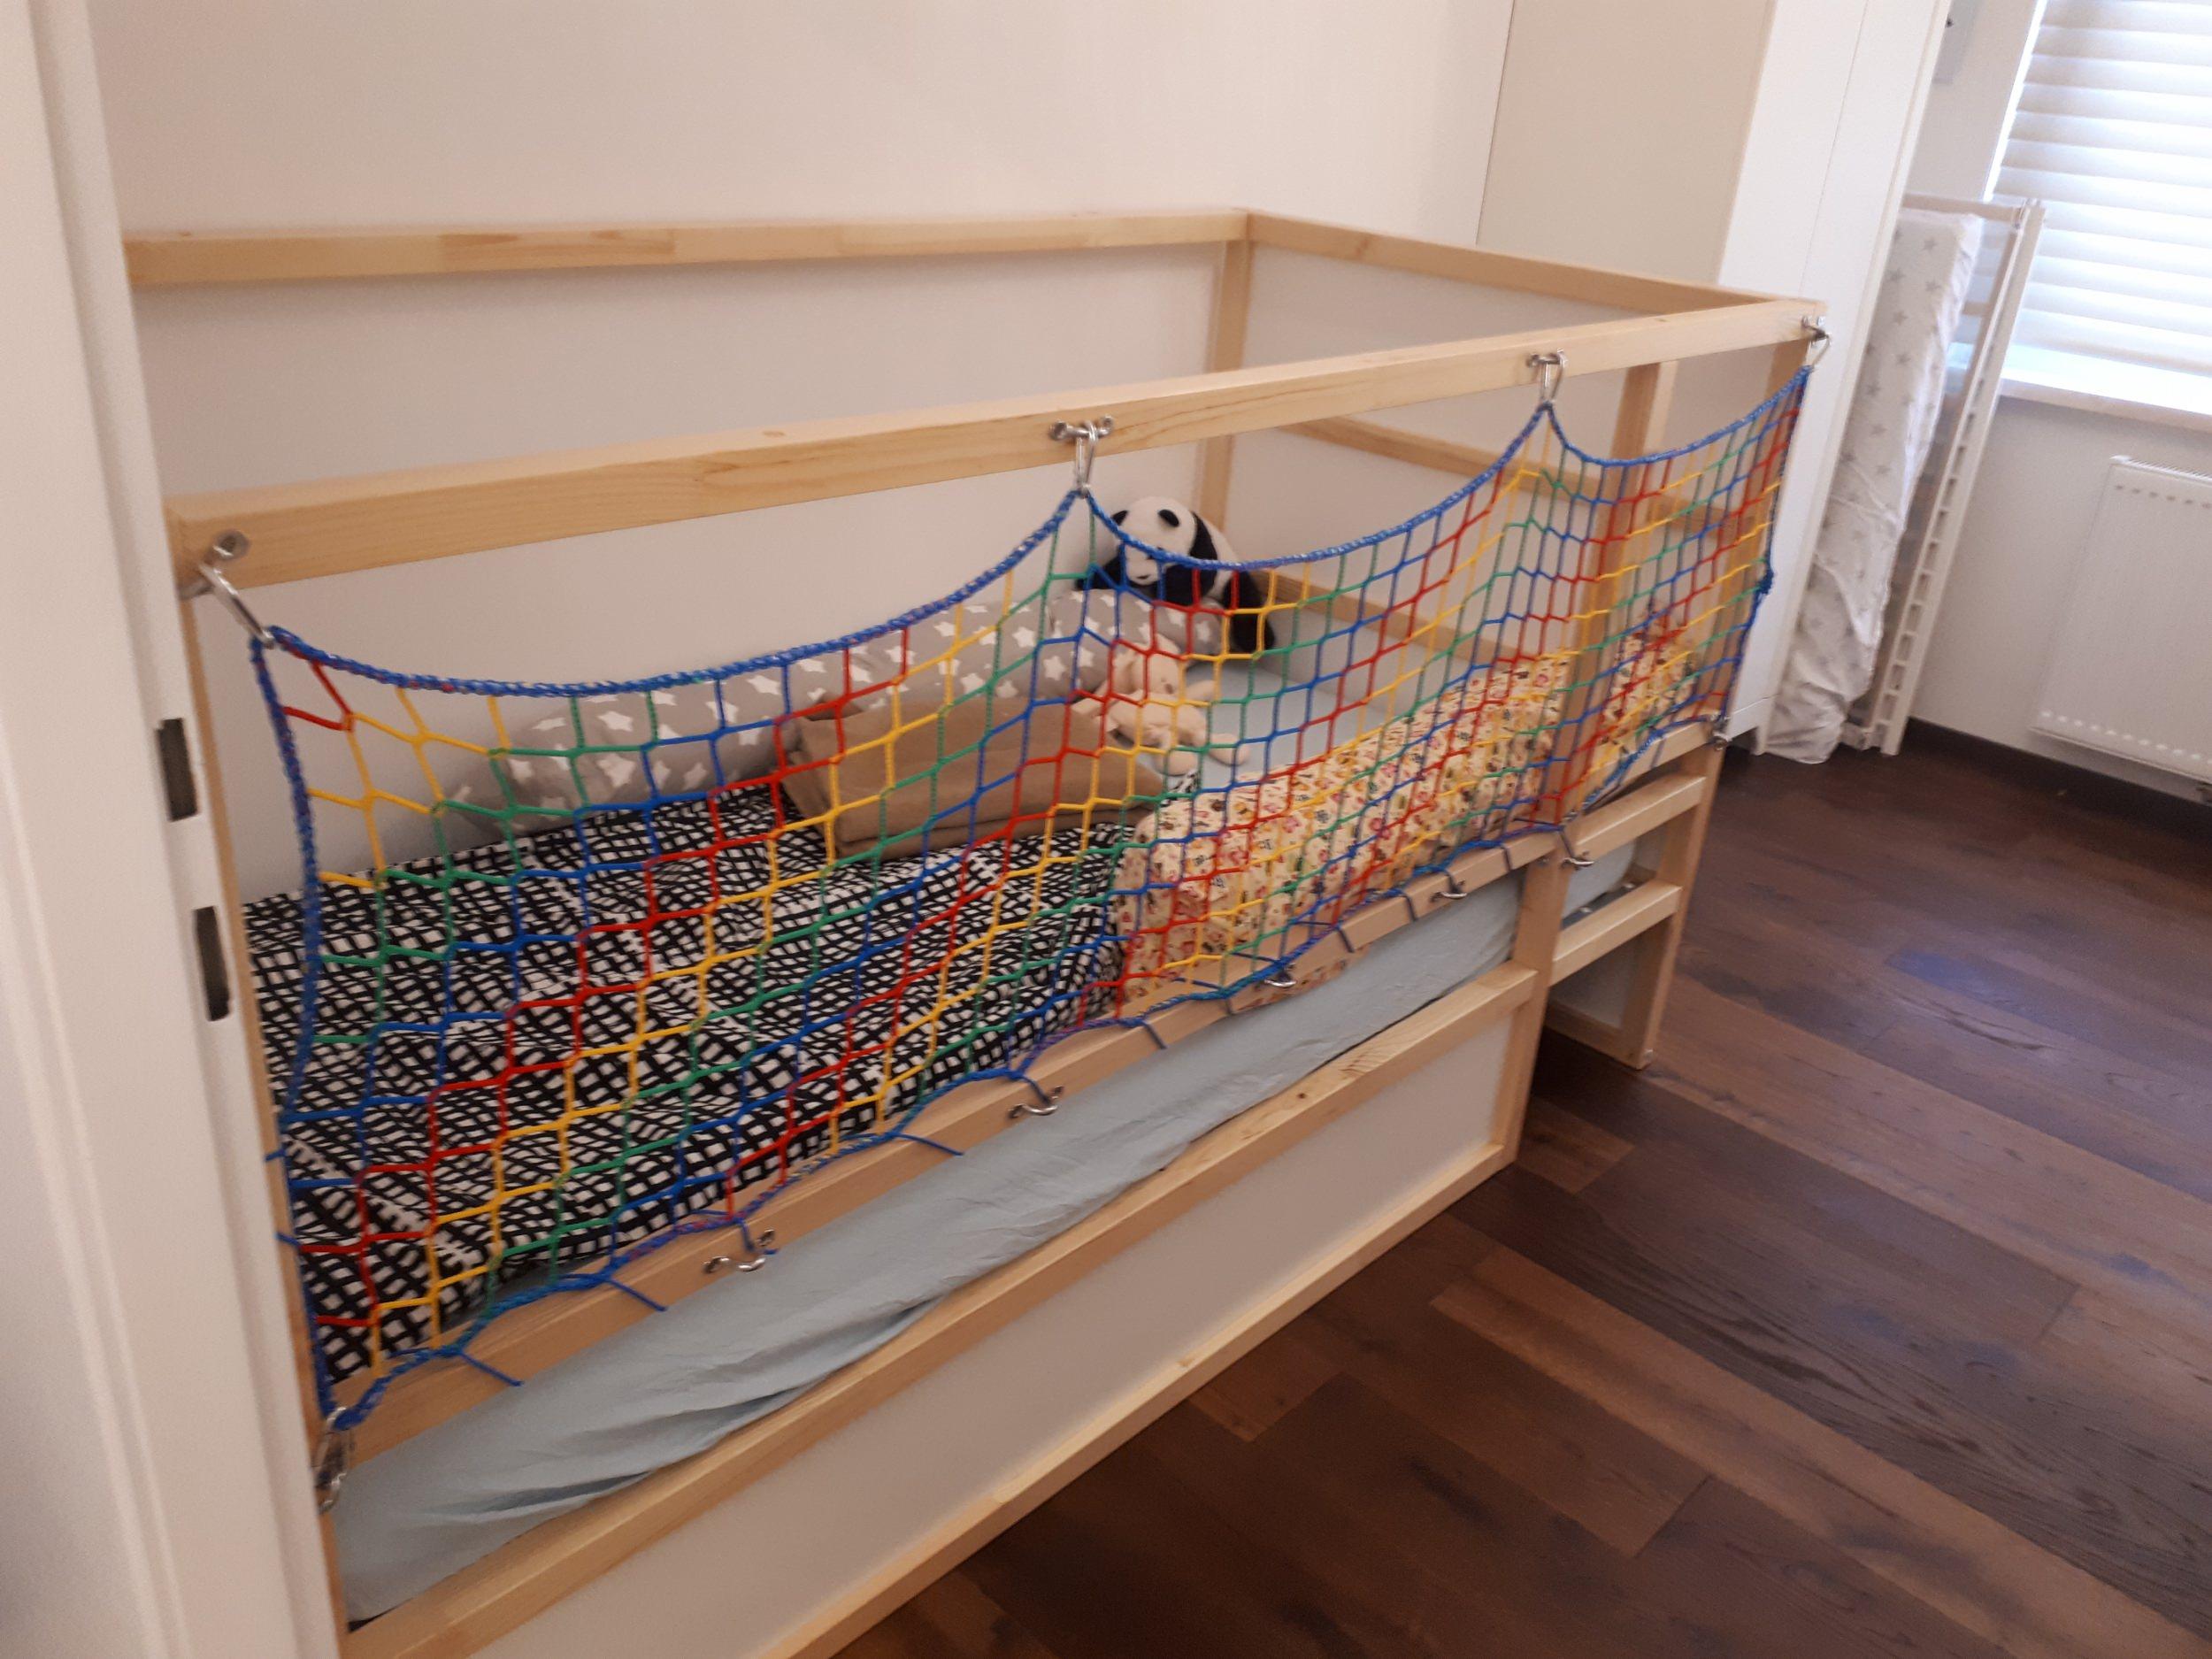 Etagenbett Wohnwagen Netz : Knaus qdk etagenbetten festbett vorzelt wohnwagen